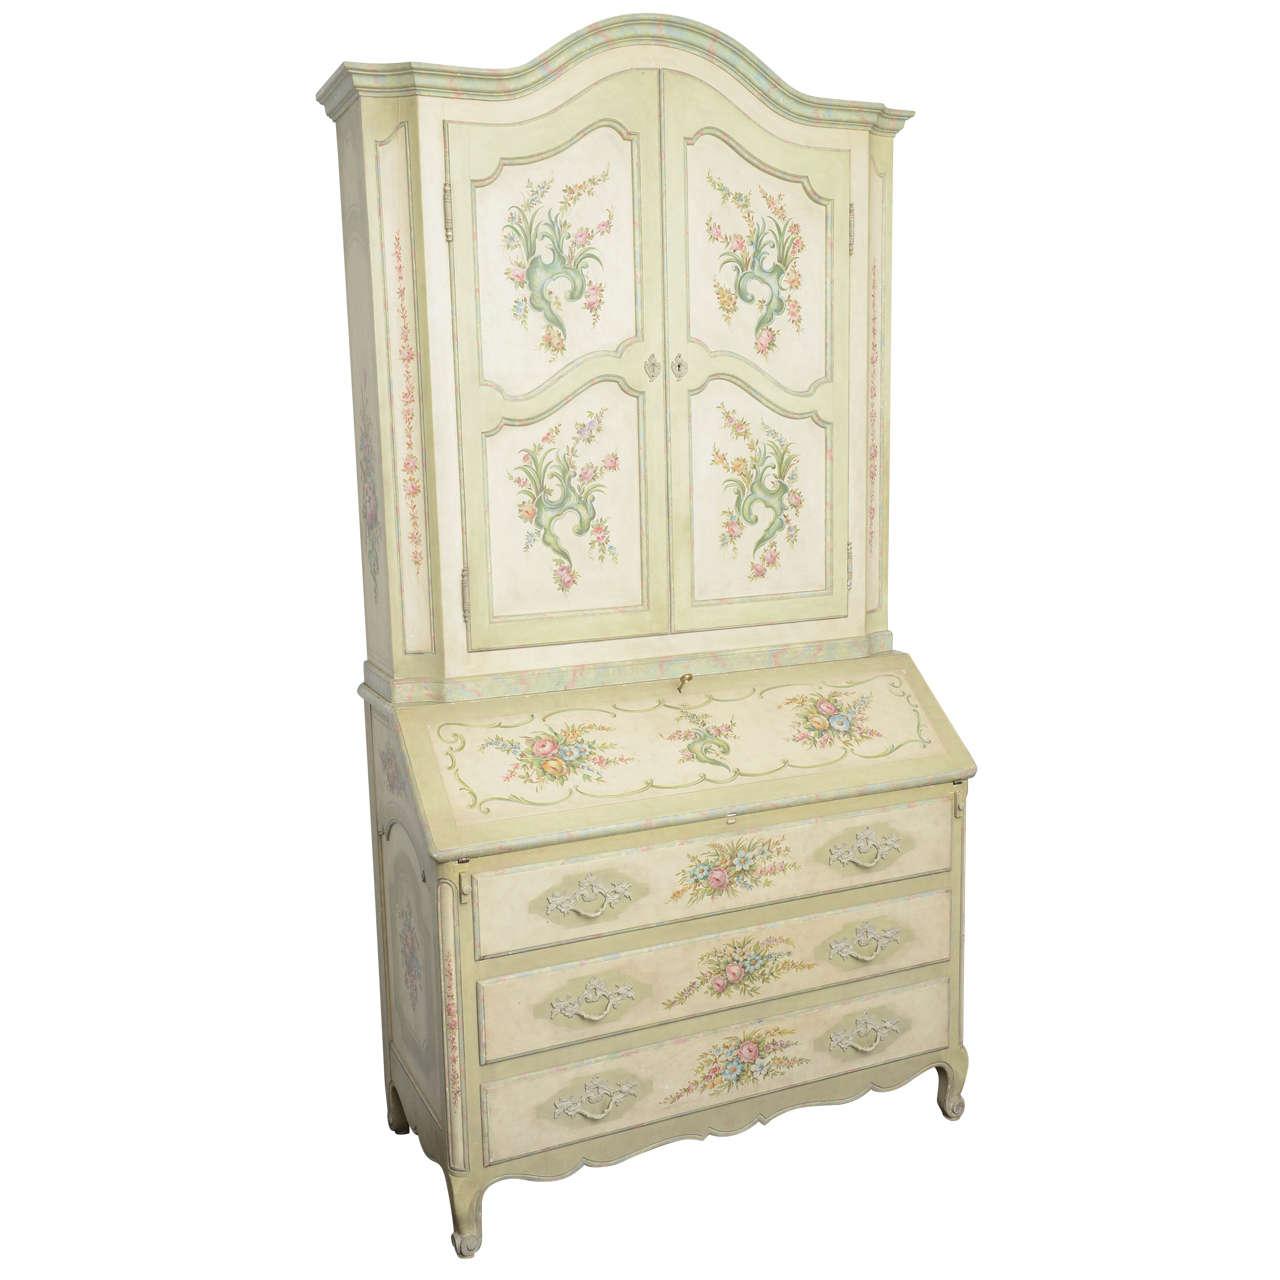 Superb antique style hand painted italian vintage bureau bookcase louis xv st - Bureau style vintage ...